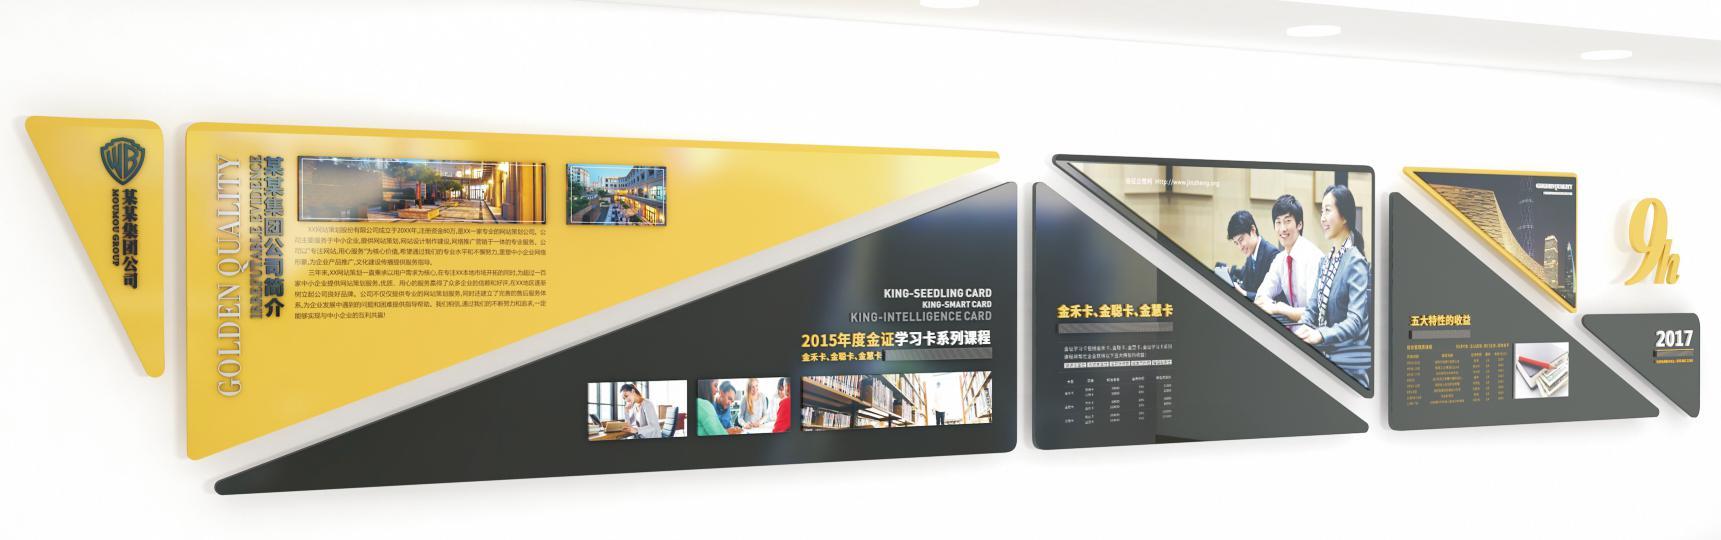 西安企业文化墙设计